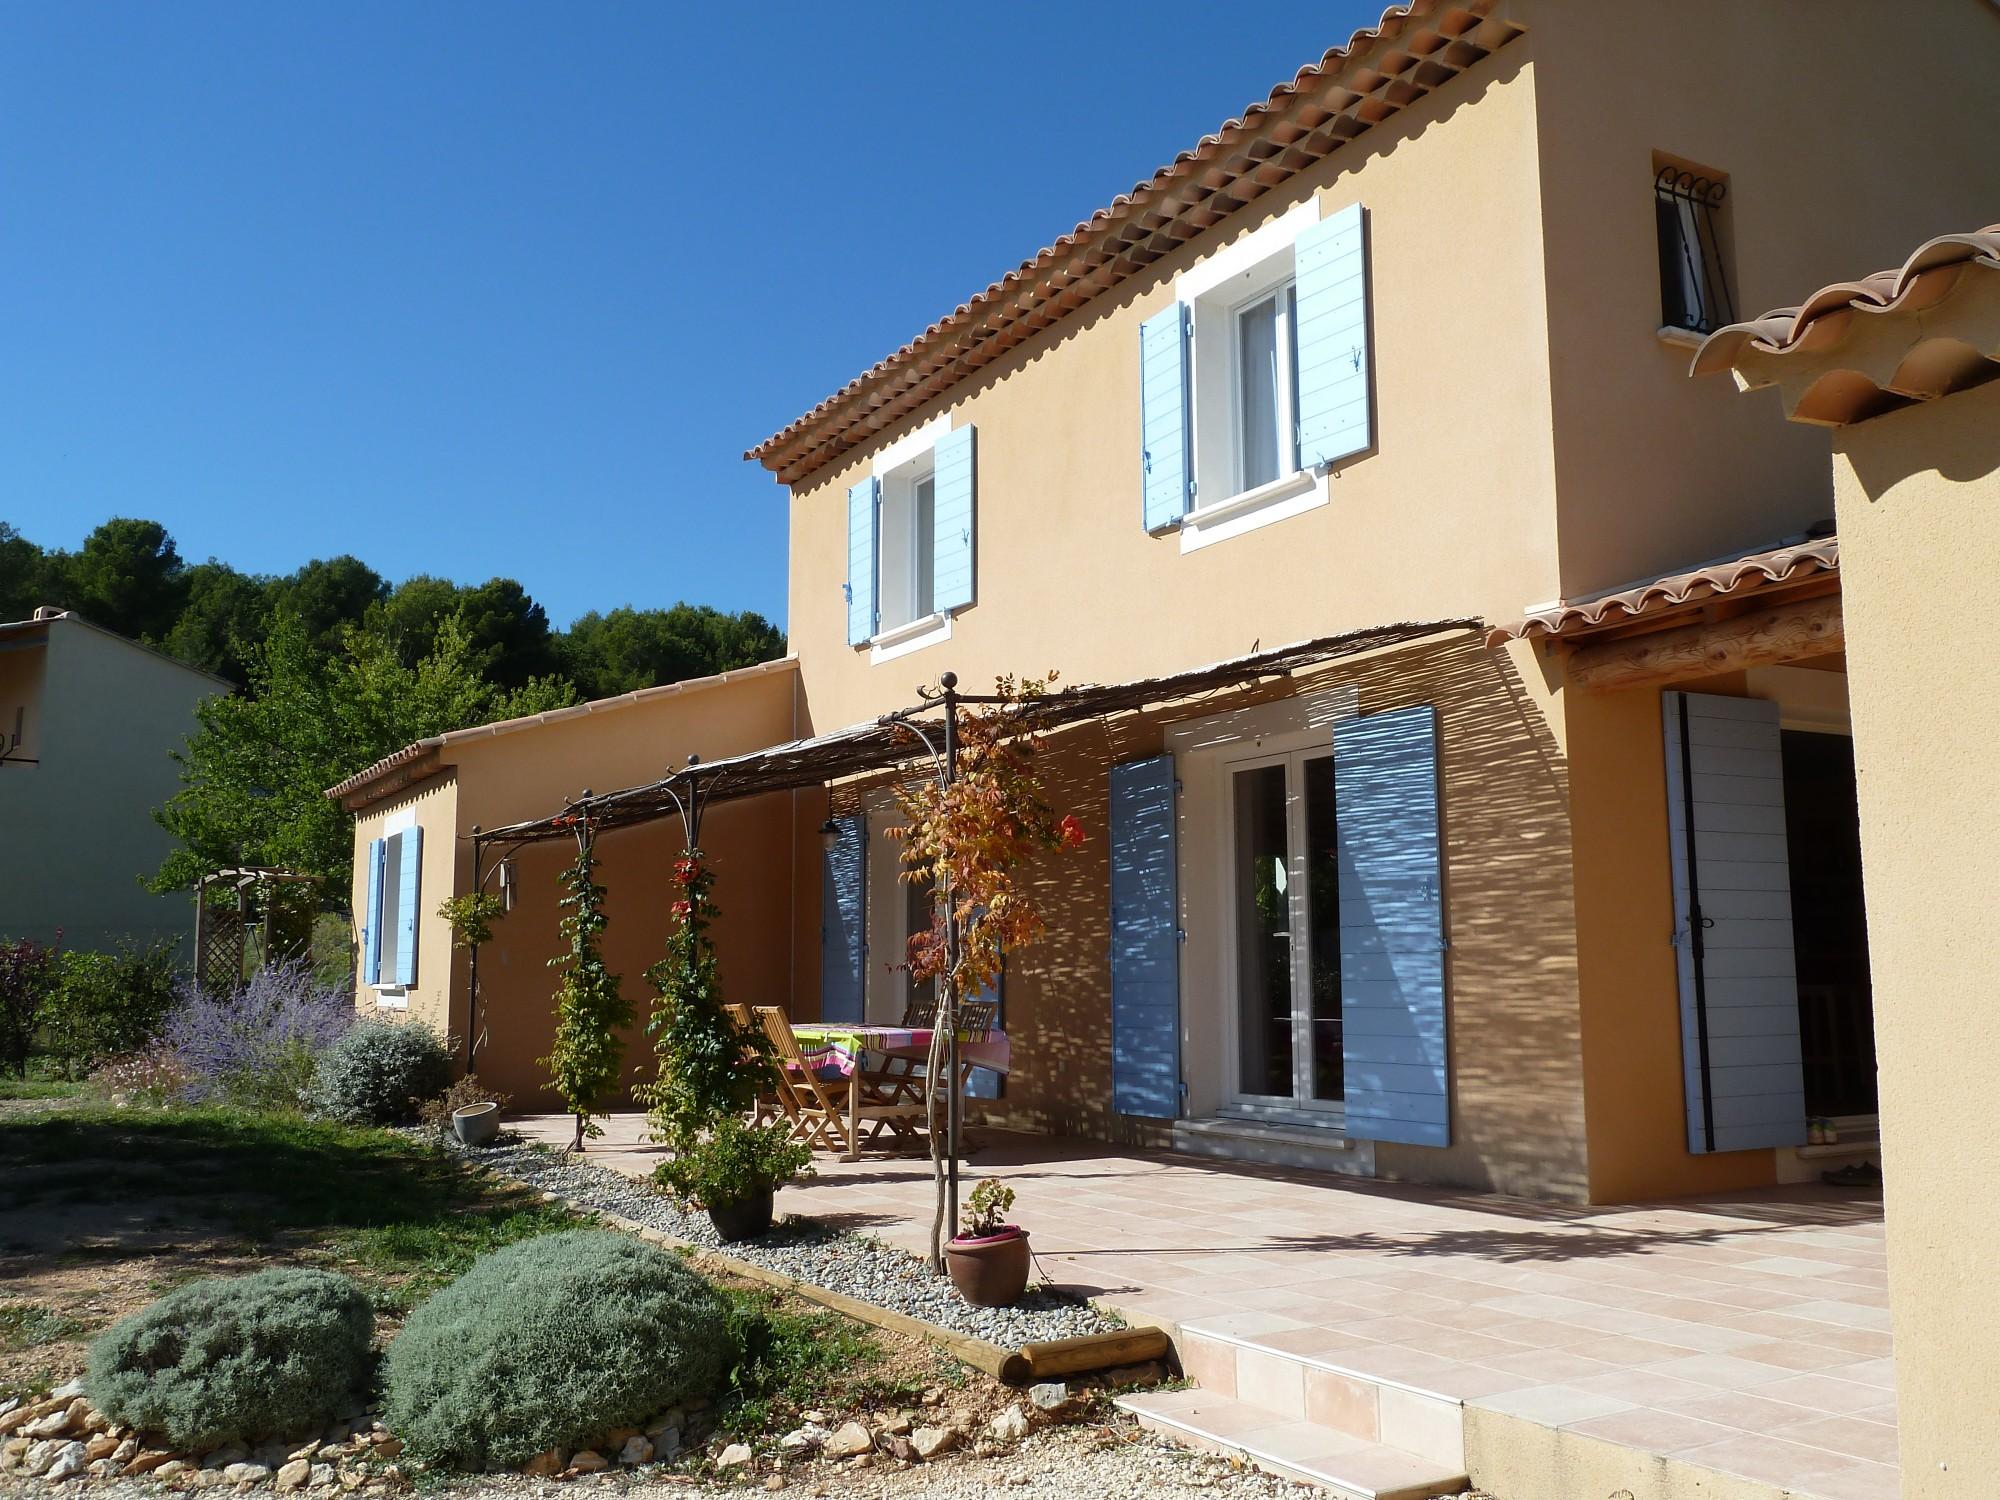 Villa traditionnelle dans le style provençal avec terrasse et tonnelle